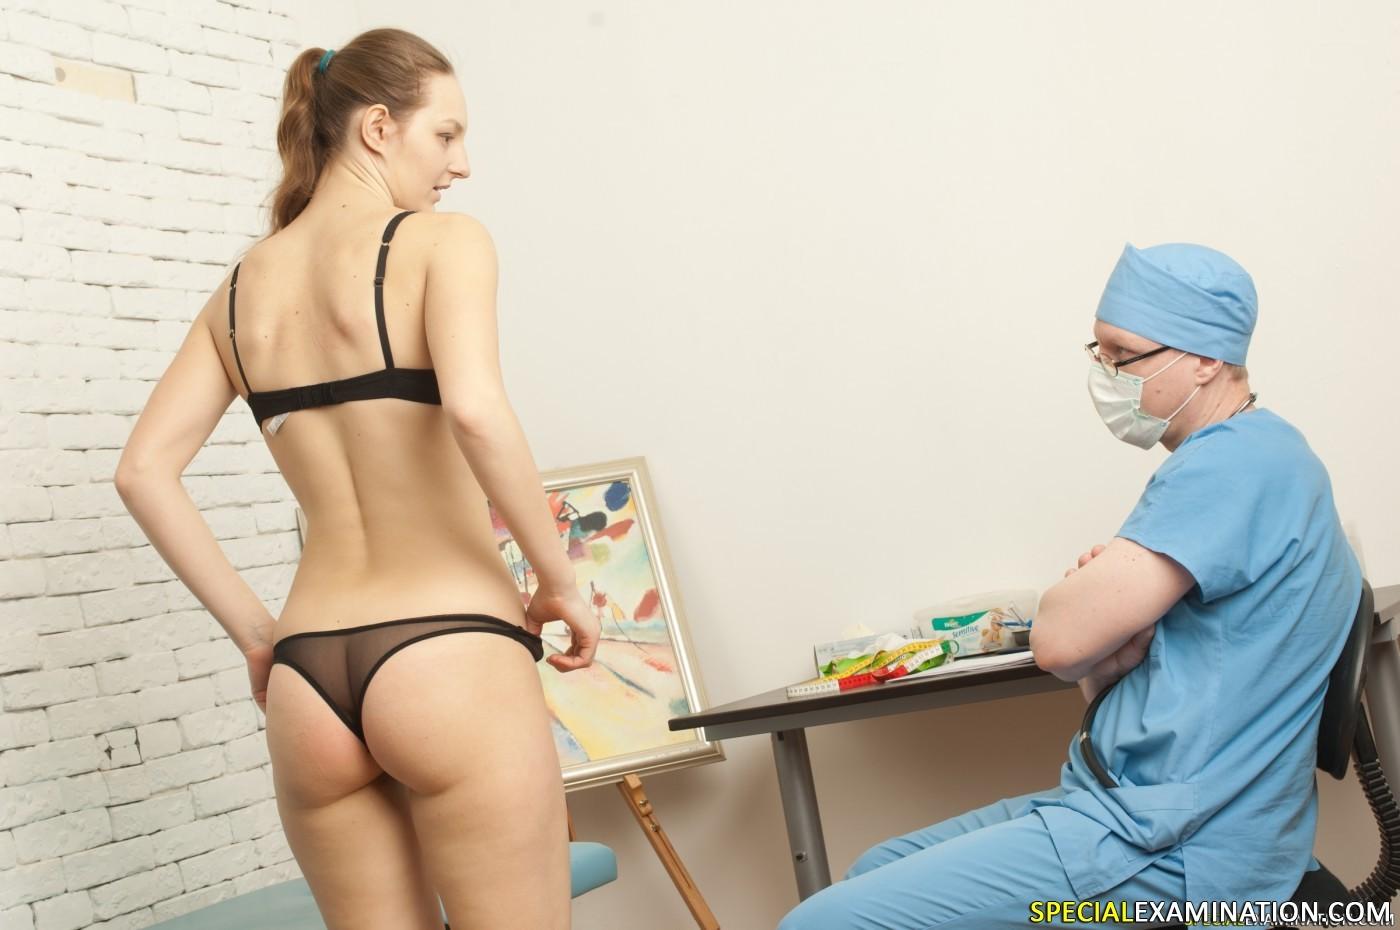 Врач раздел и поставил раком пациентку что бы получше расмотреть её киску